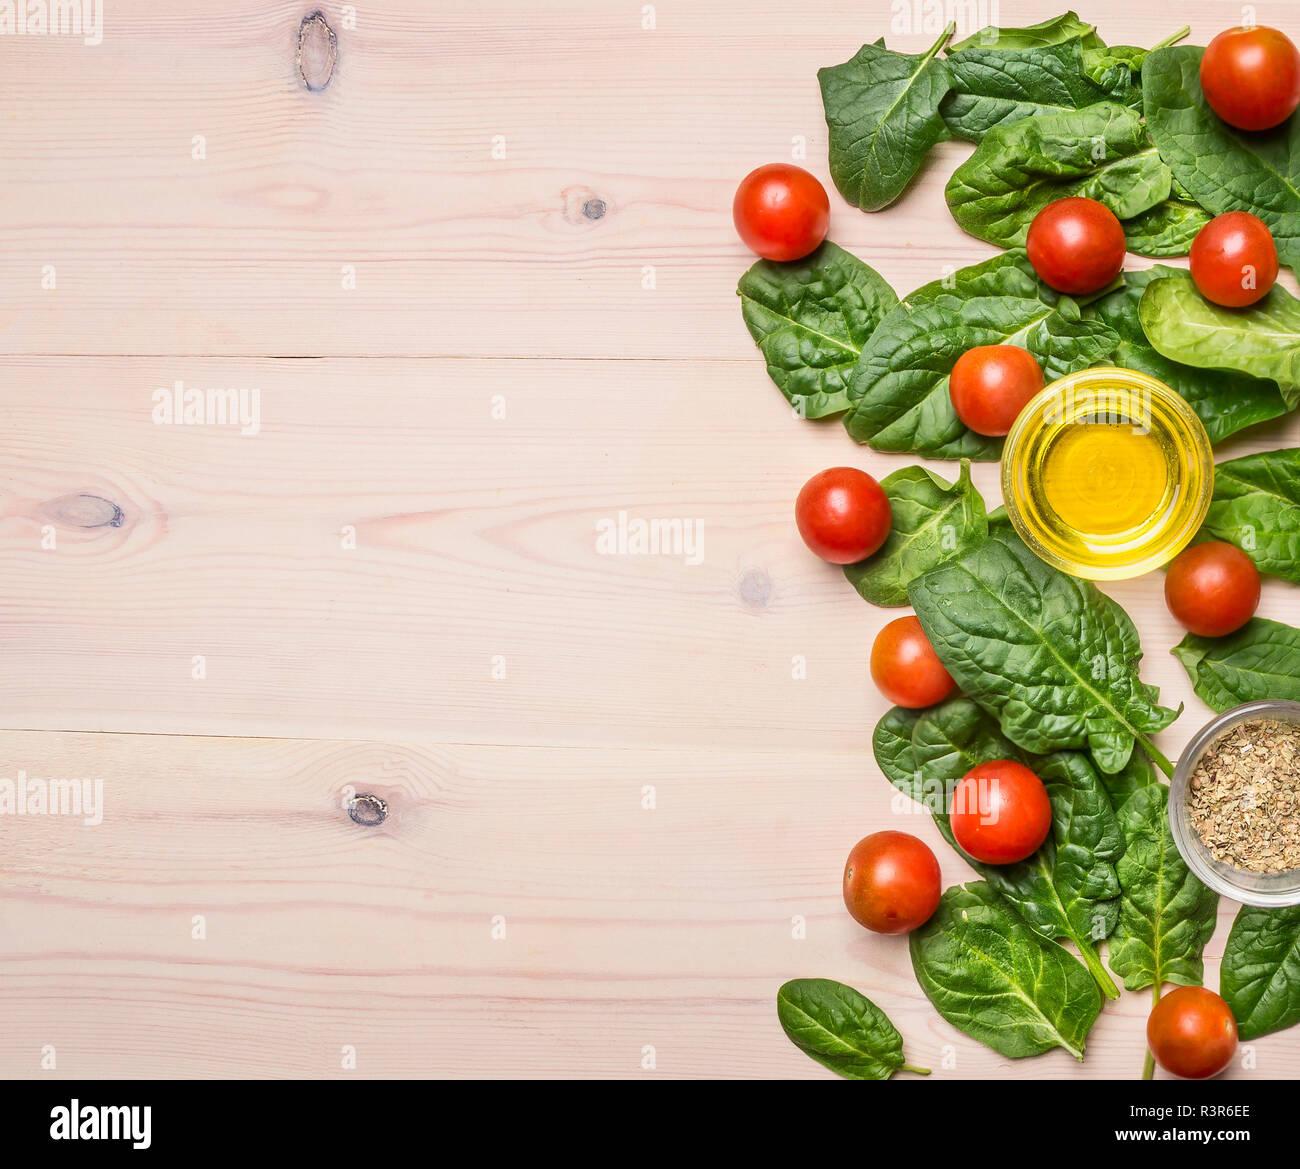 Variedad De Verduras, Lentejas Rojas Y Los Ingredientes Para Cocinar De  Forma Saludable Sobre Fondo Rústico, Vista Superior, Borde.